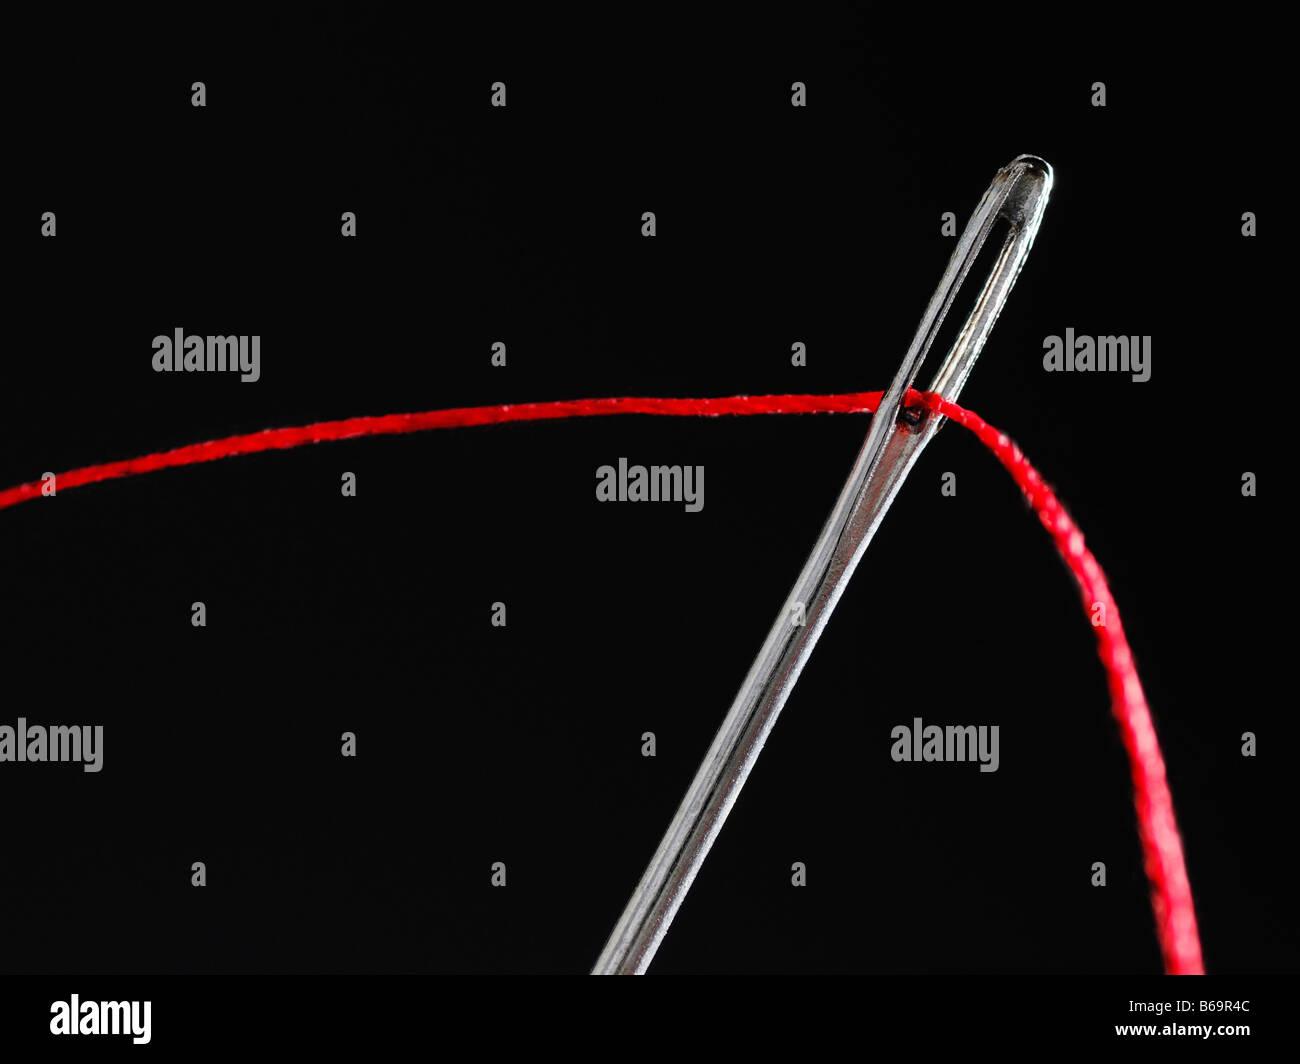 Hilo por el ojo de una aguja, Cerrar Imagen De Stock